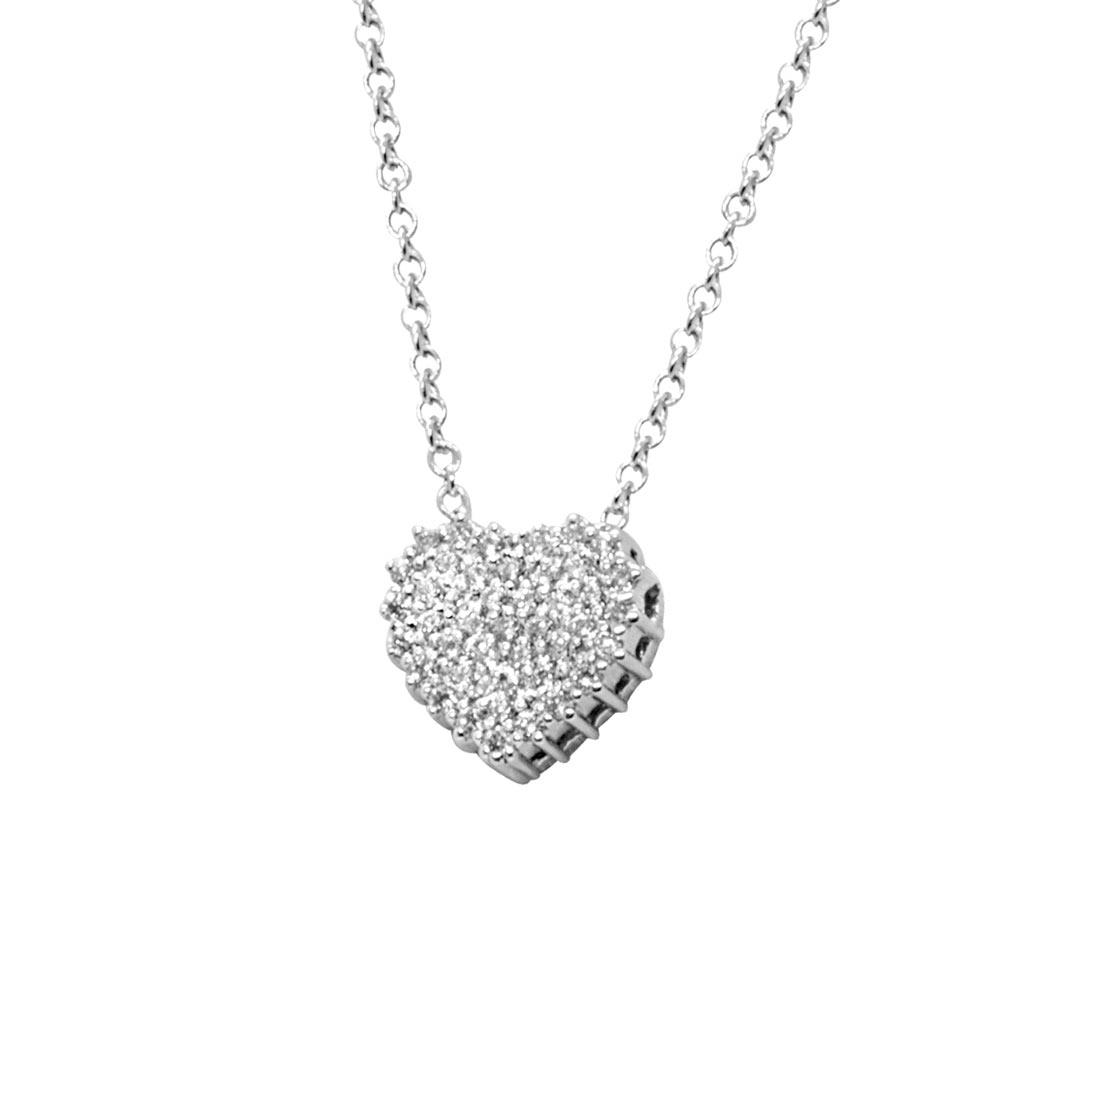 Collana in oro bianco con cuore in diamanti - ALFIERI & ST. JOHN